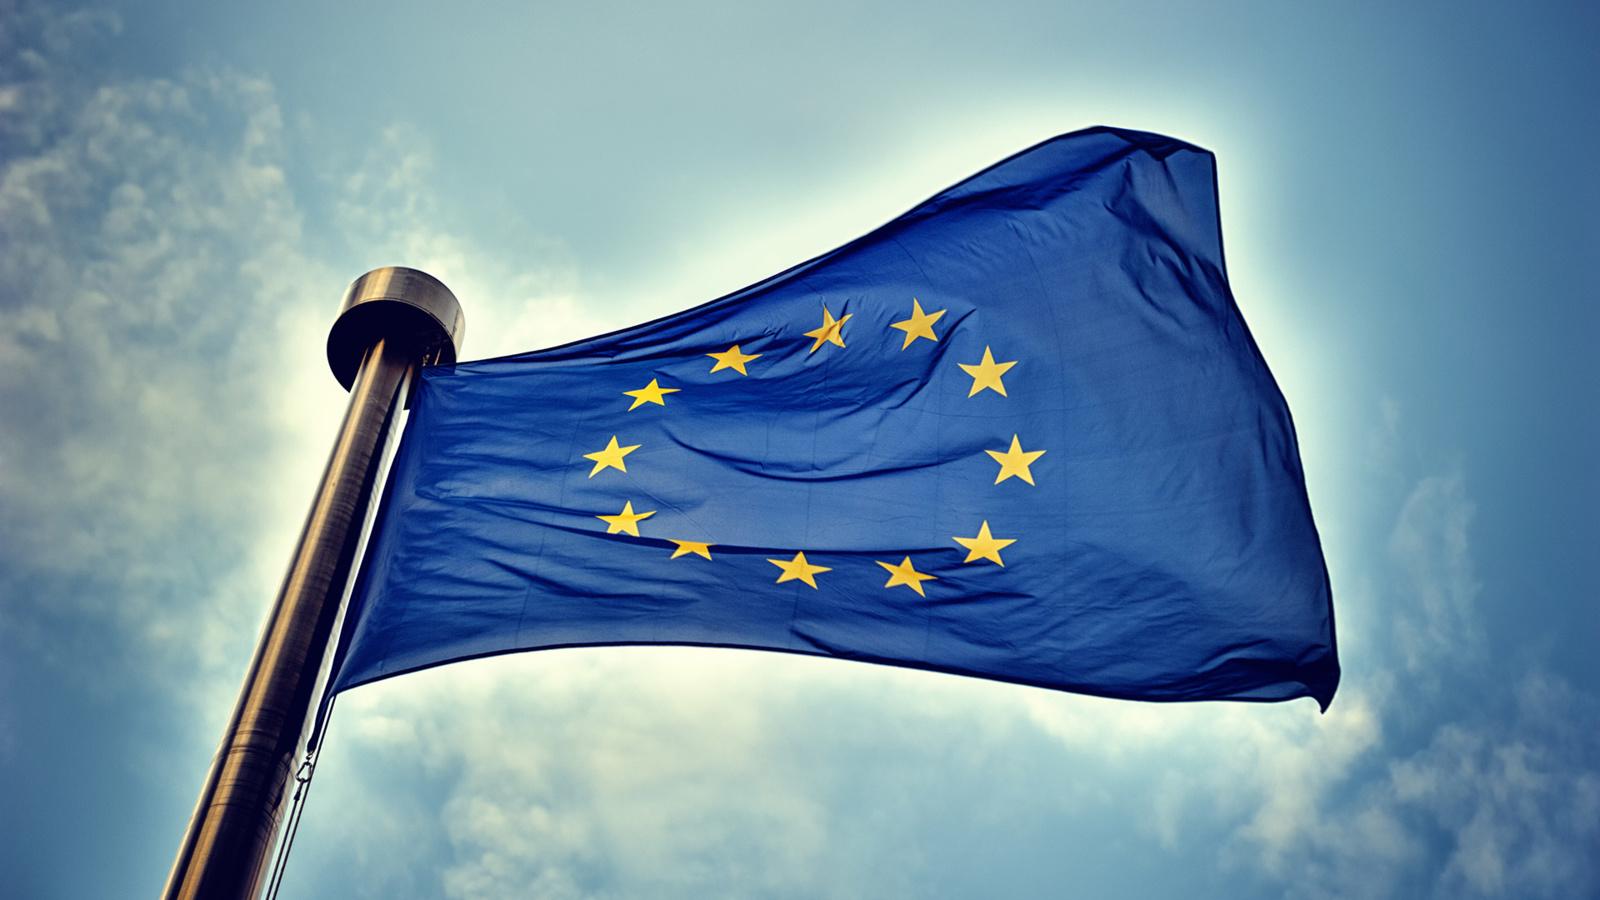 Politikos ekspertė nerimauja dėl Lenkijos pasitraukimo iš ES: tai nėra absurdiška idėja